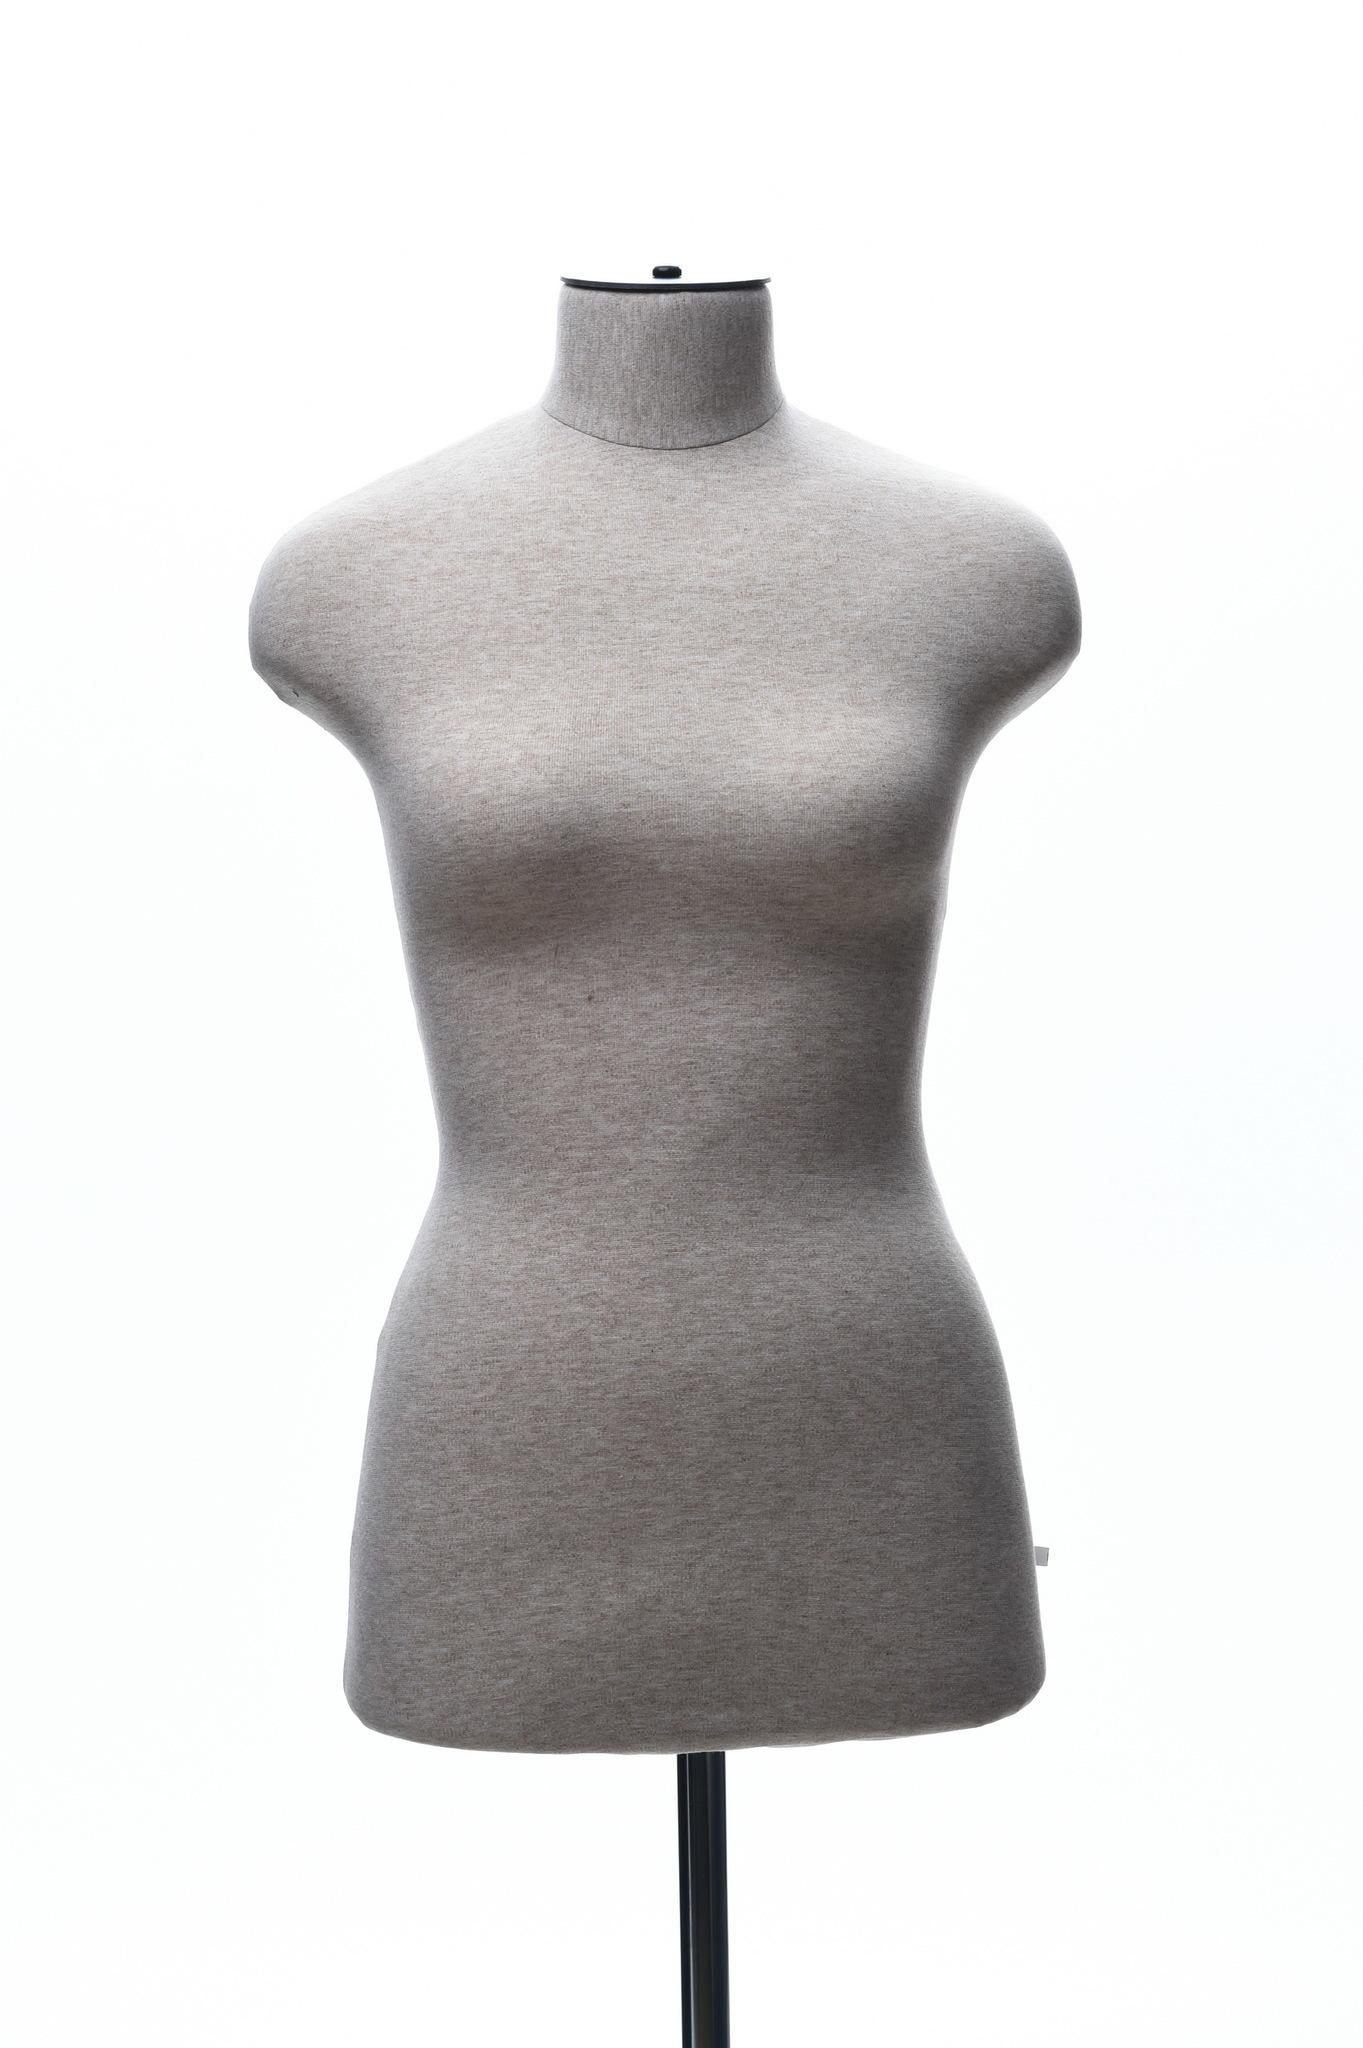 Мягкий манекен женский 46 размер (телесный цвет)